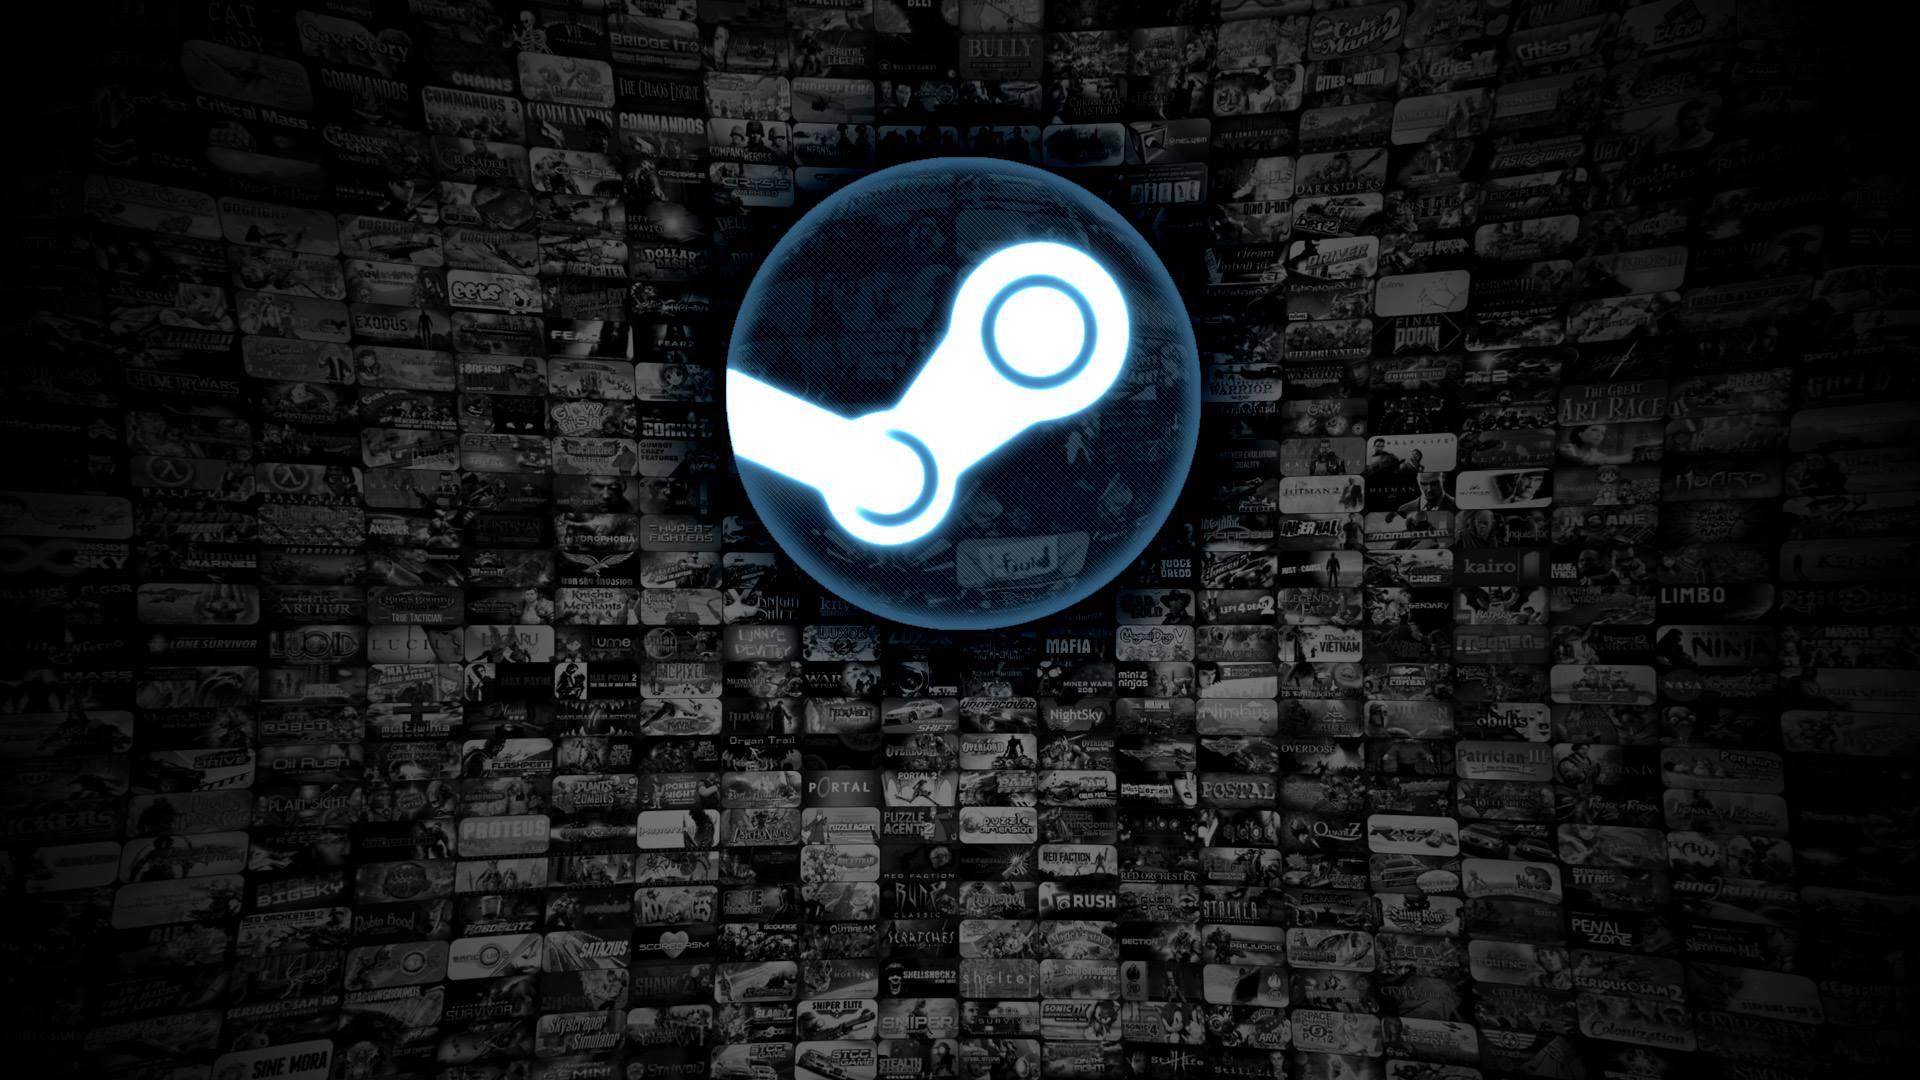 4 juegos+ de Steam de 15 USD,gratis aca (3er tanda).